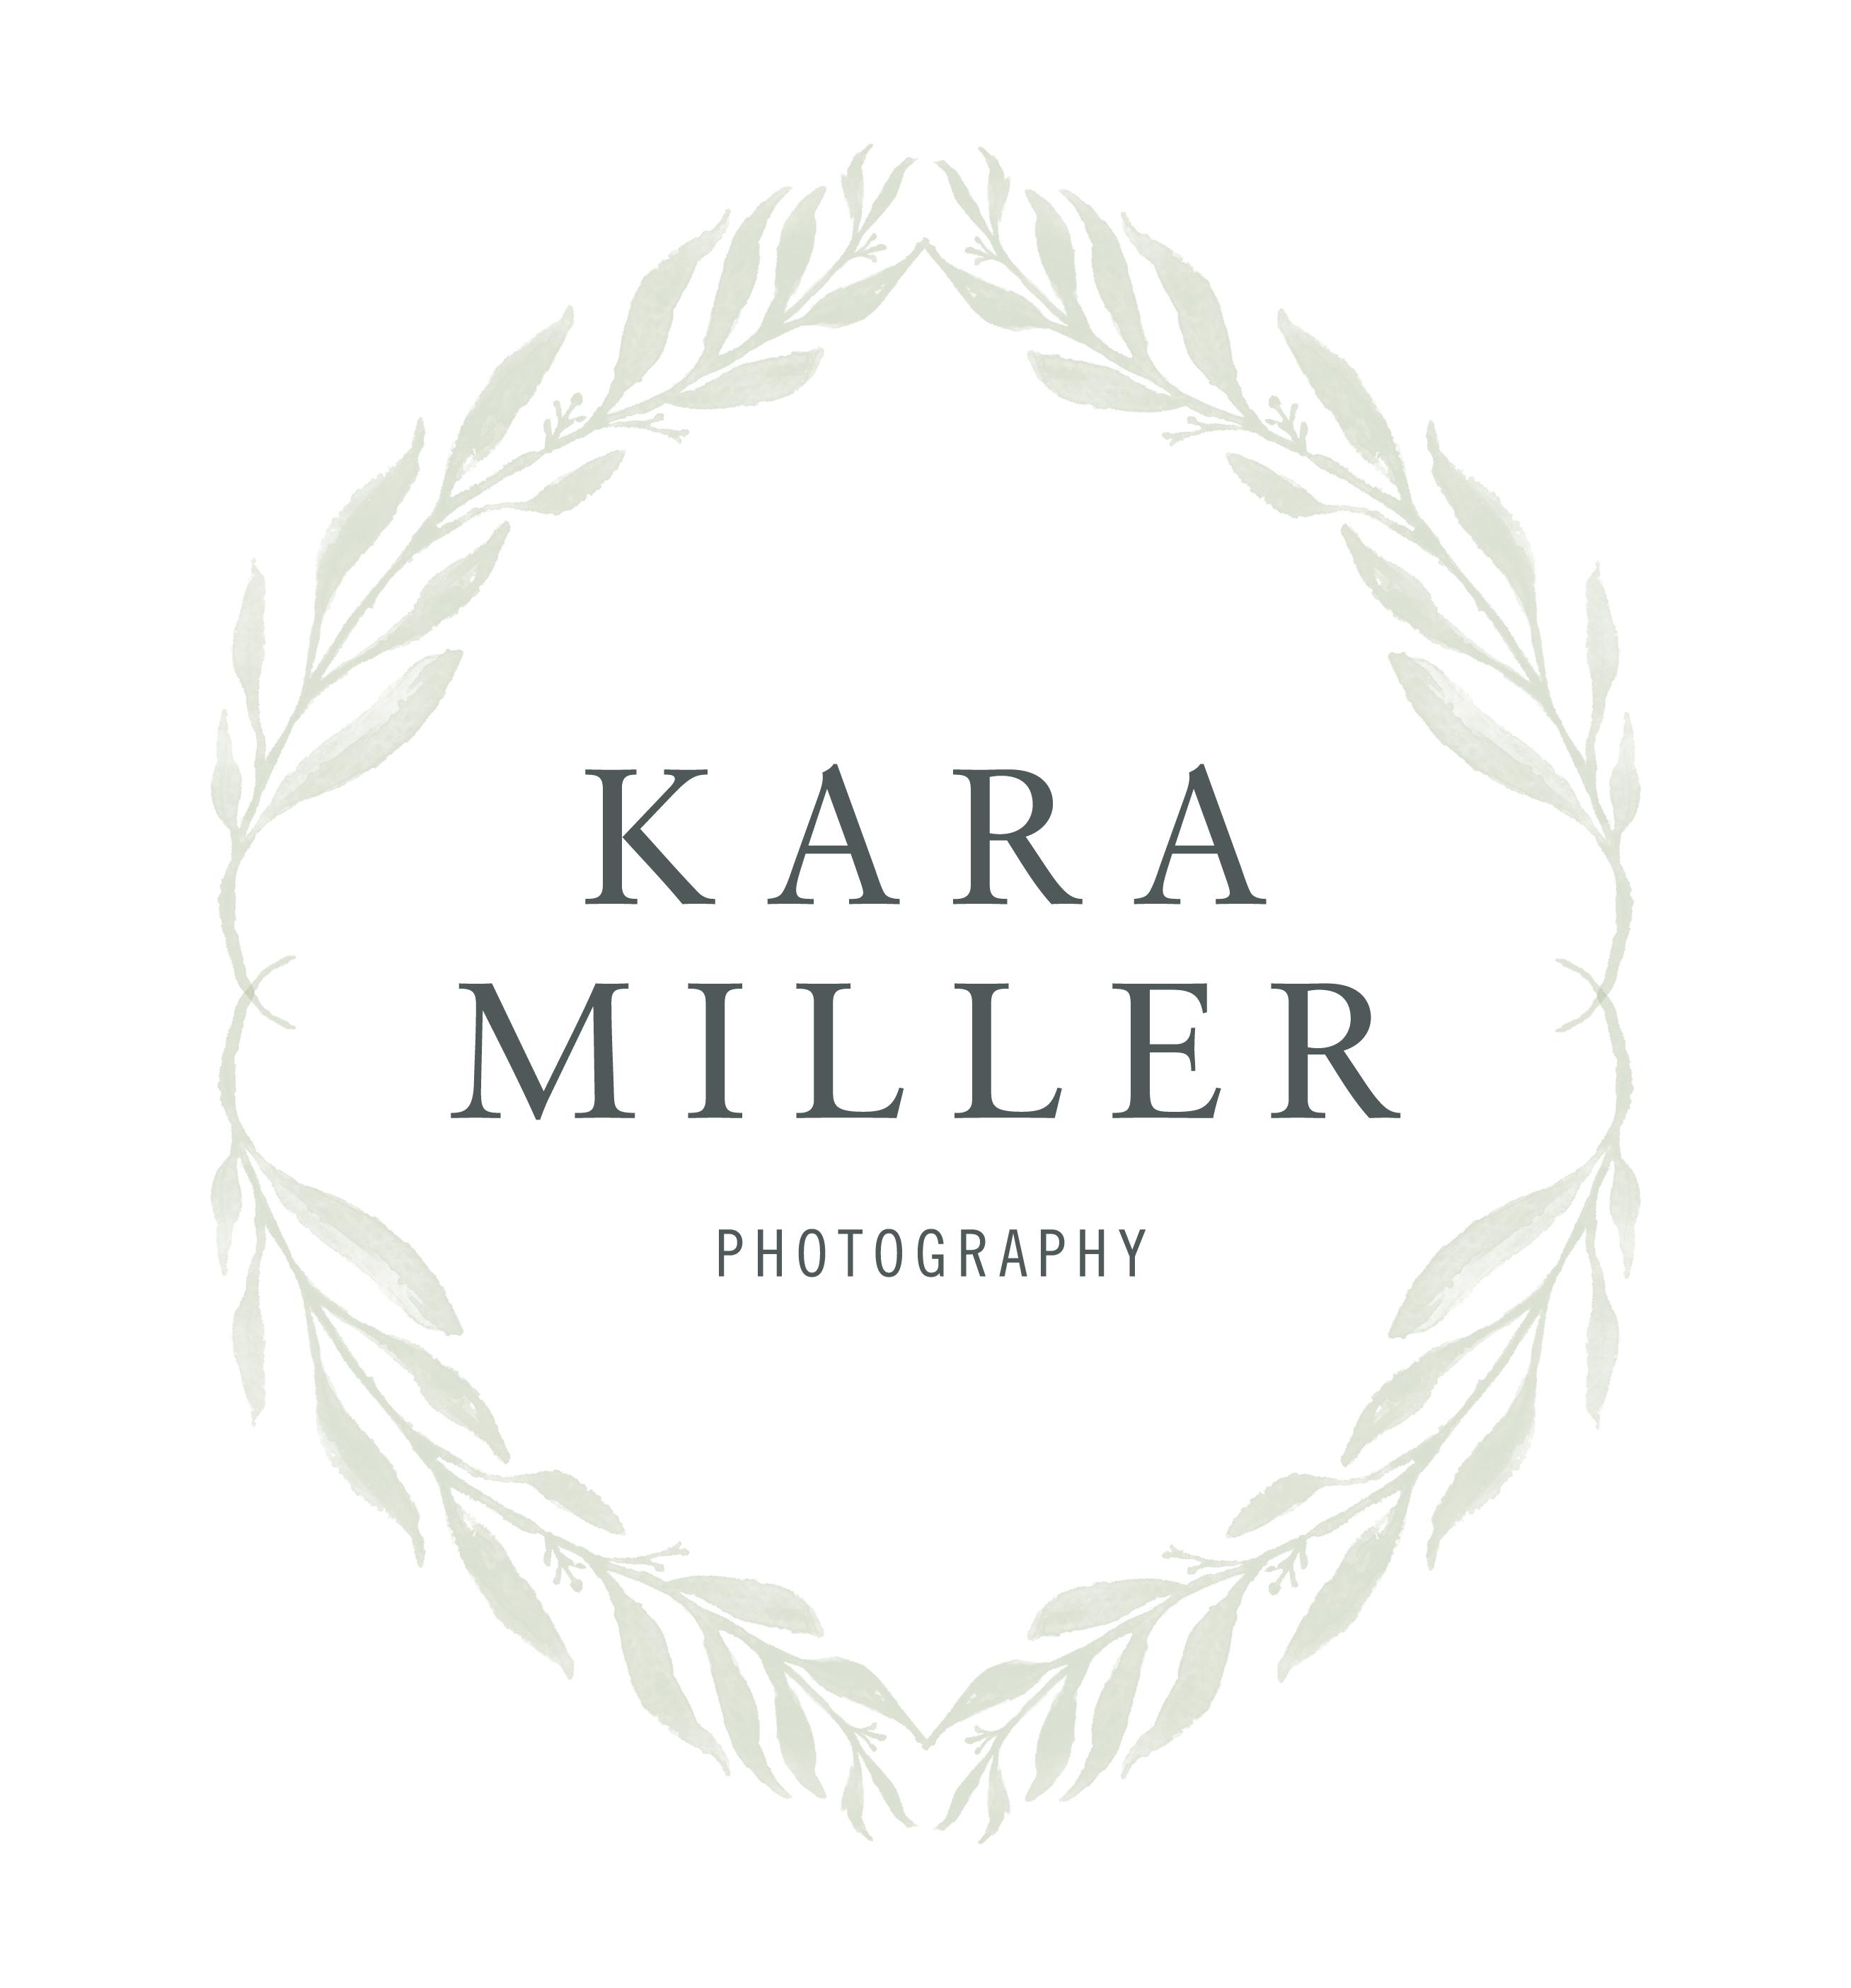 Kara Miller Photography